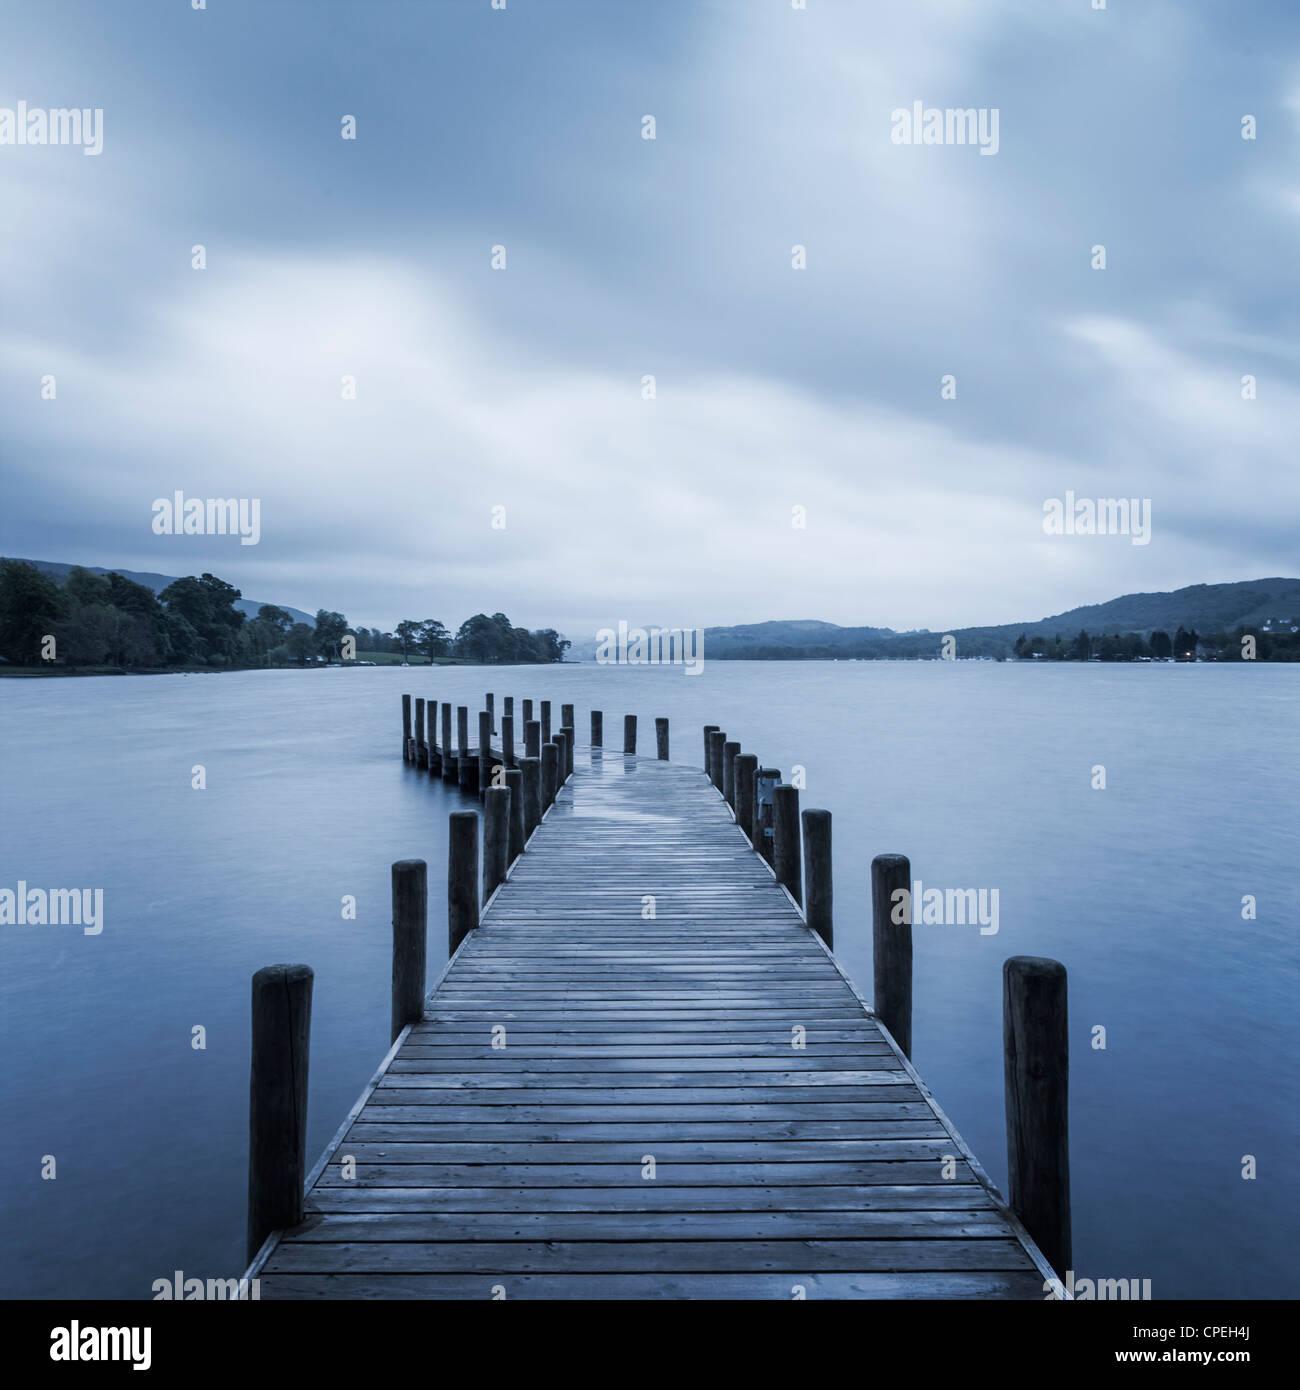 Un burrascoso inizio di giornata a Coniston Water nel Lake District inglese. Formato quadrato. Immagini Stock